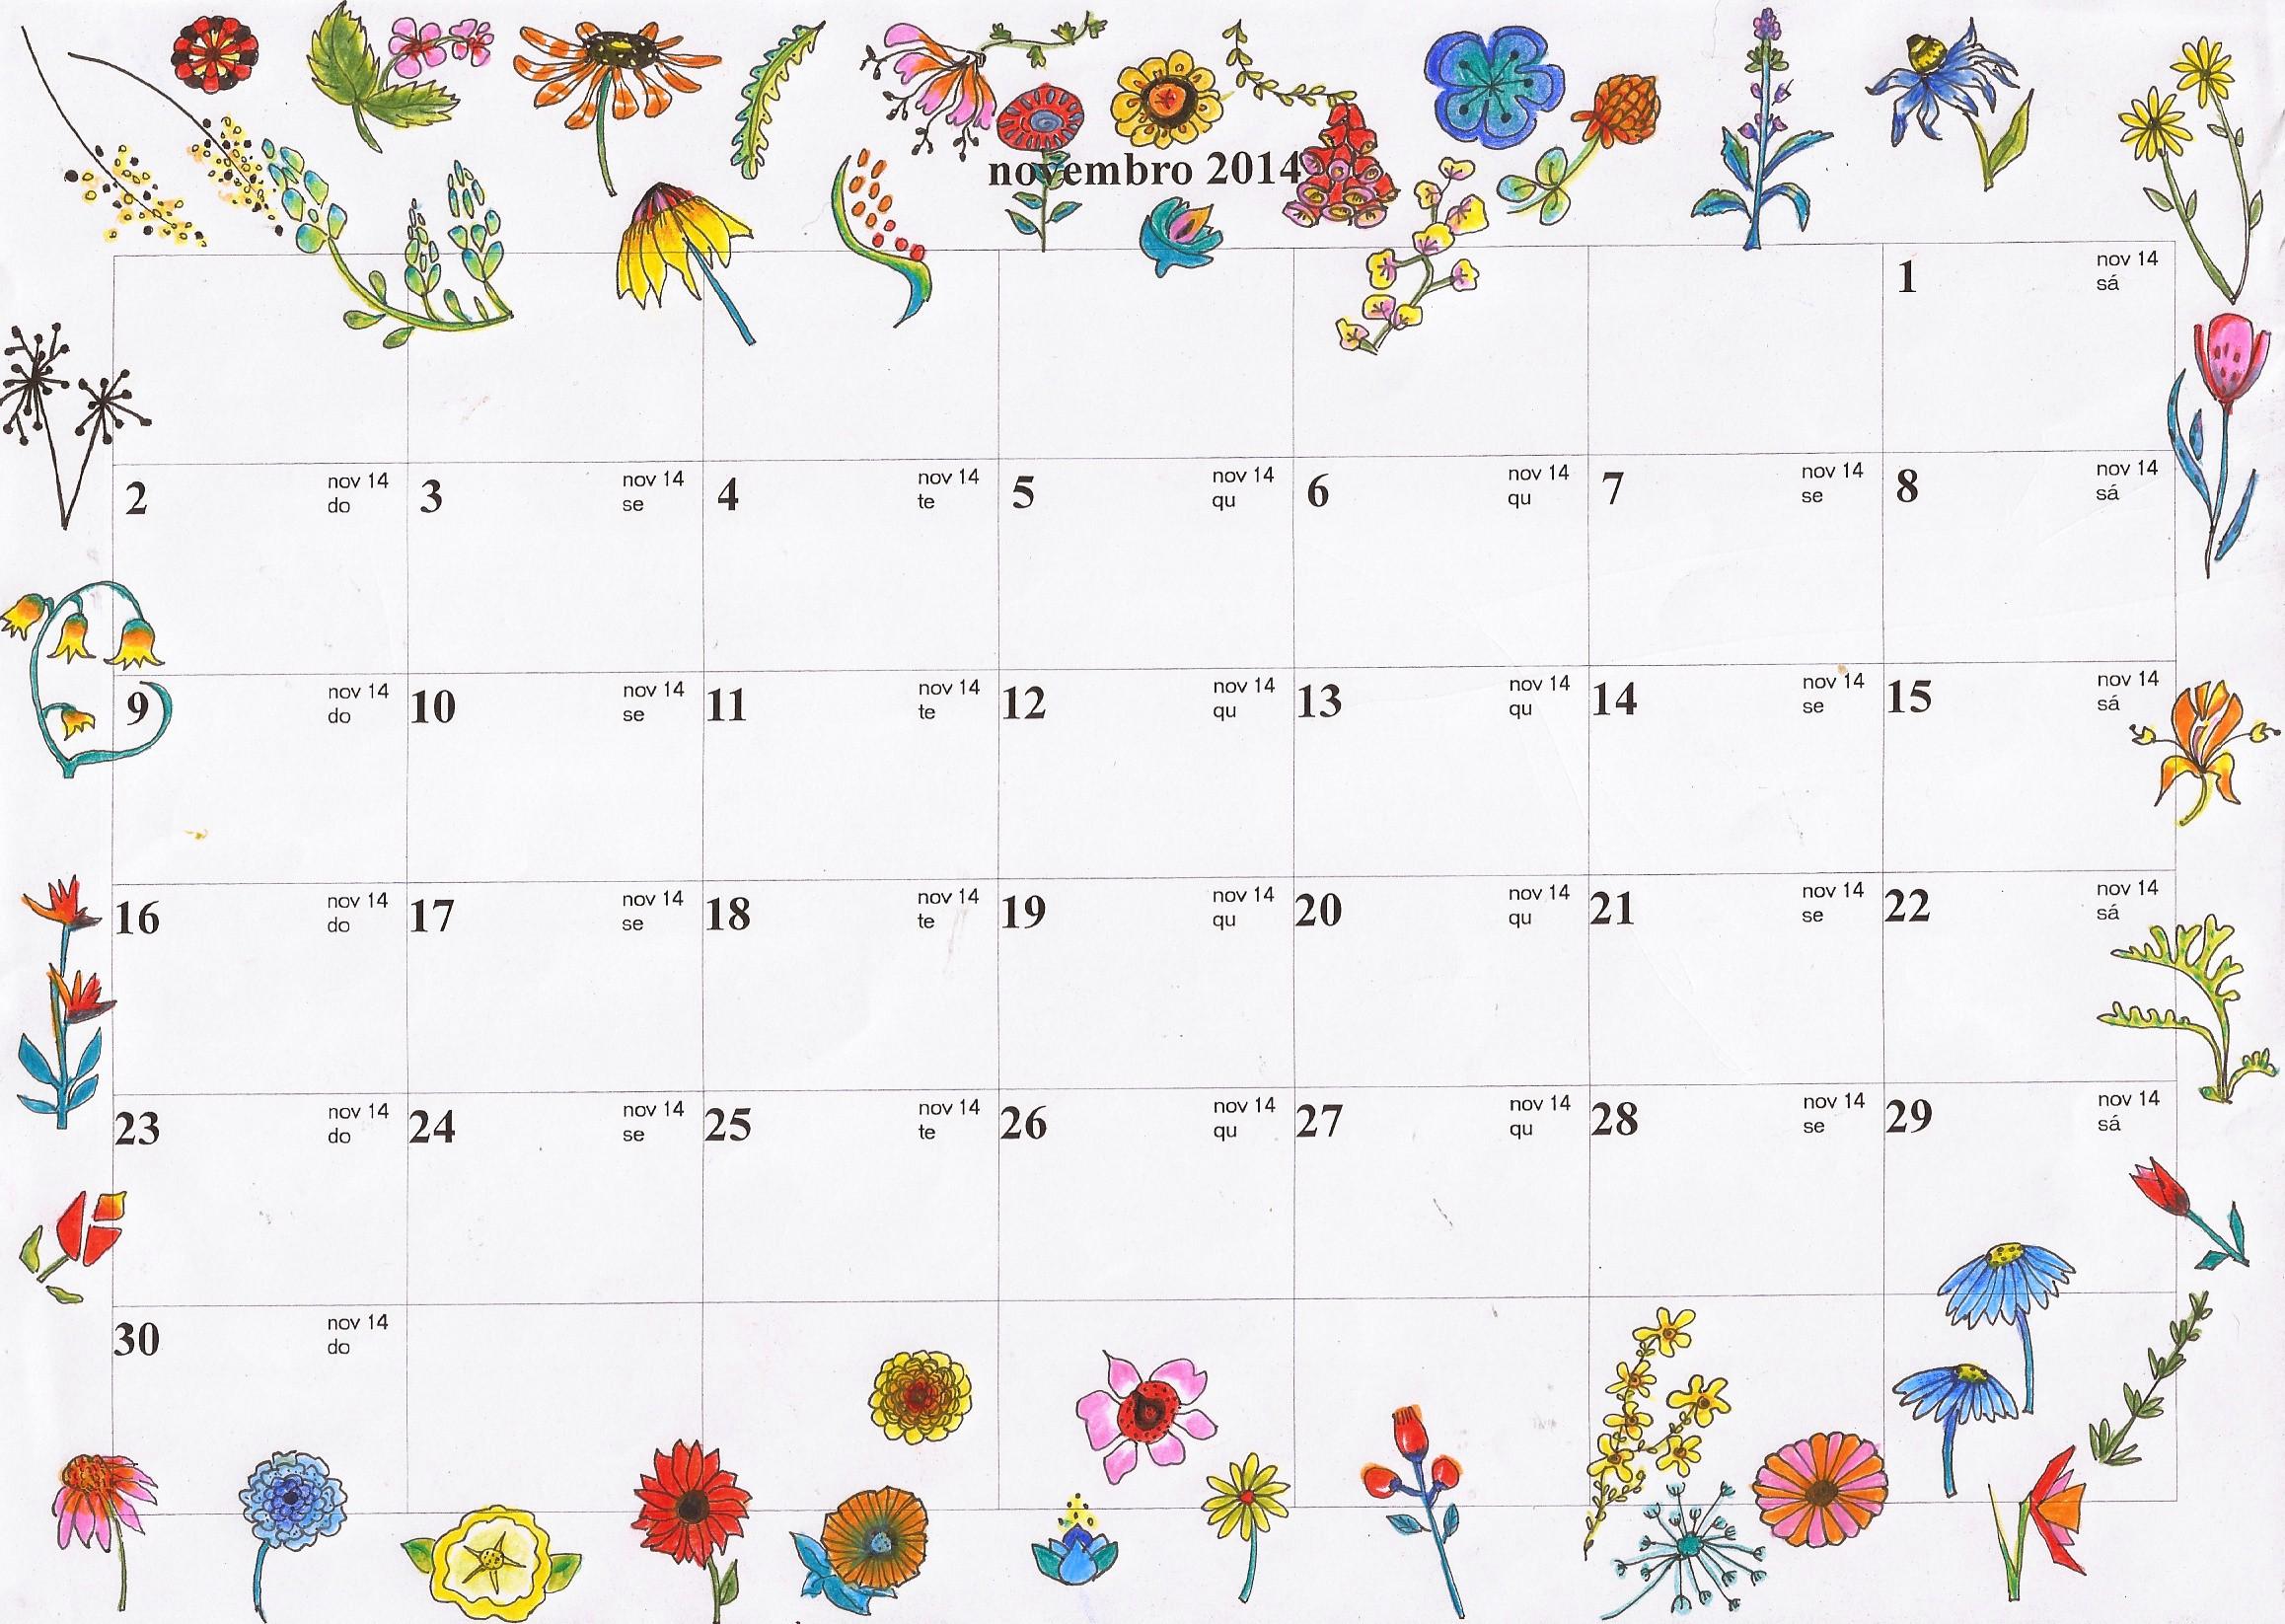 Calendario Para Imprimir Webcid Más Recientes Calendario Novembro 2018 Imprimir T Of Calendario Para Imprimir Webcid Actual Calendario 2018 Rj Hz43 Ivango